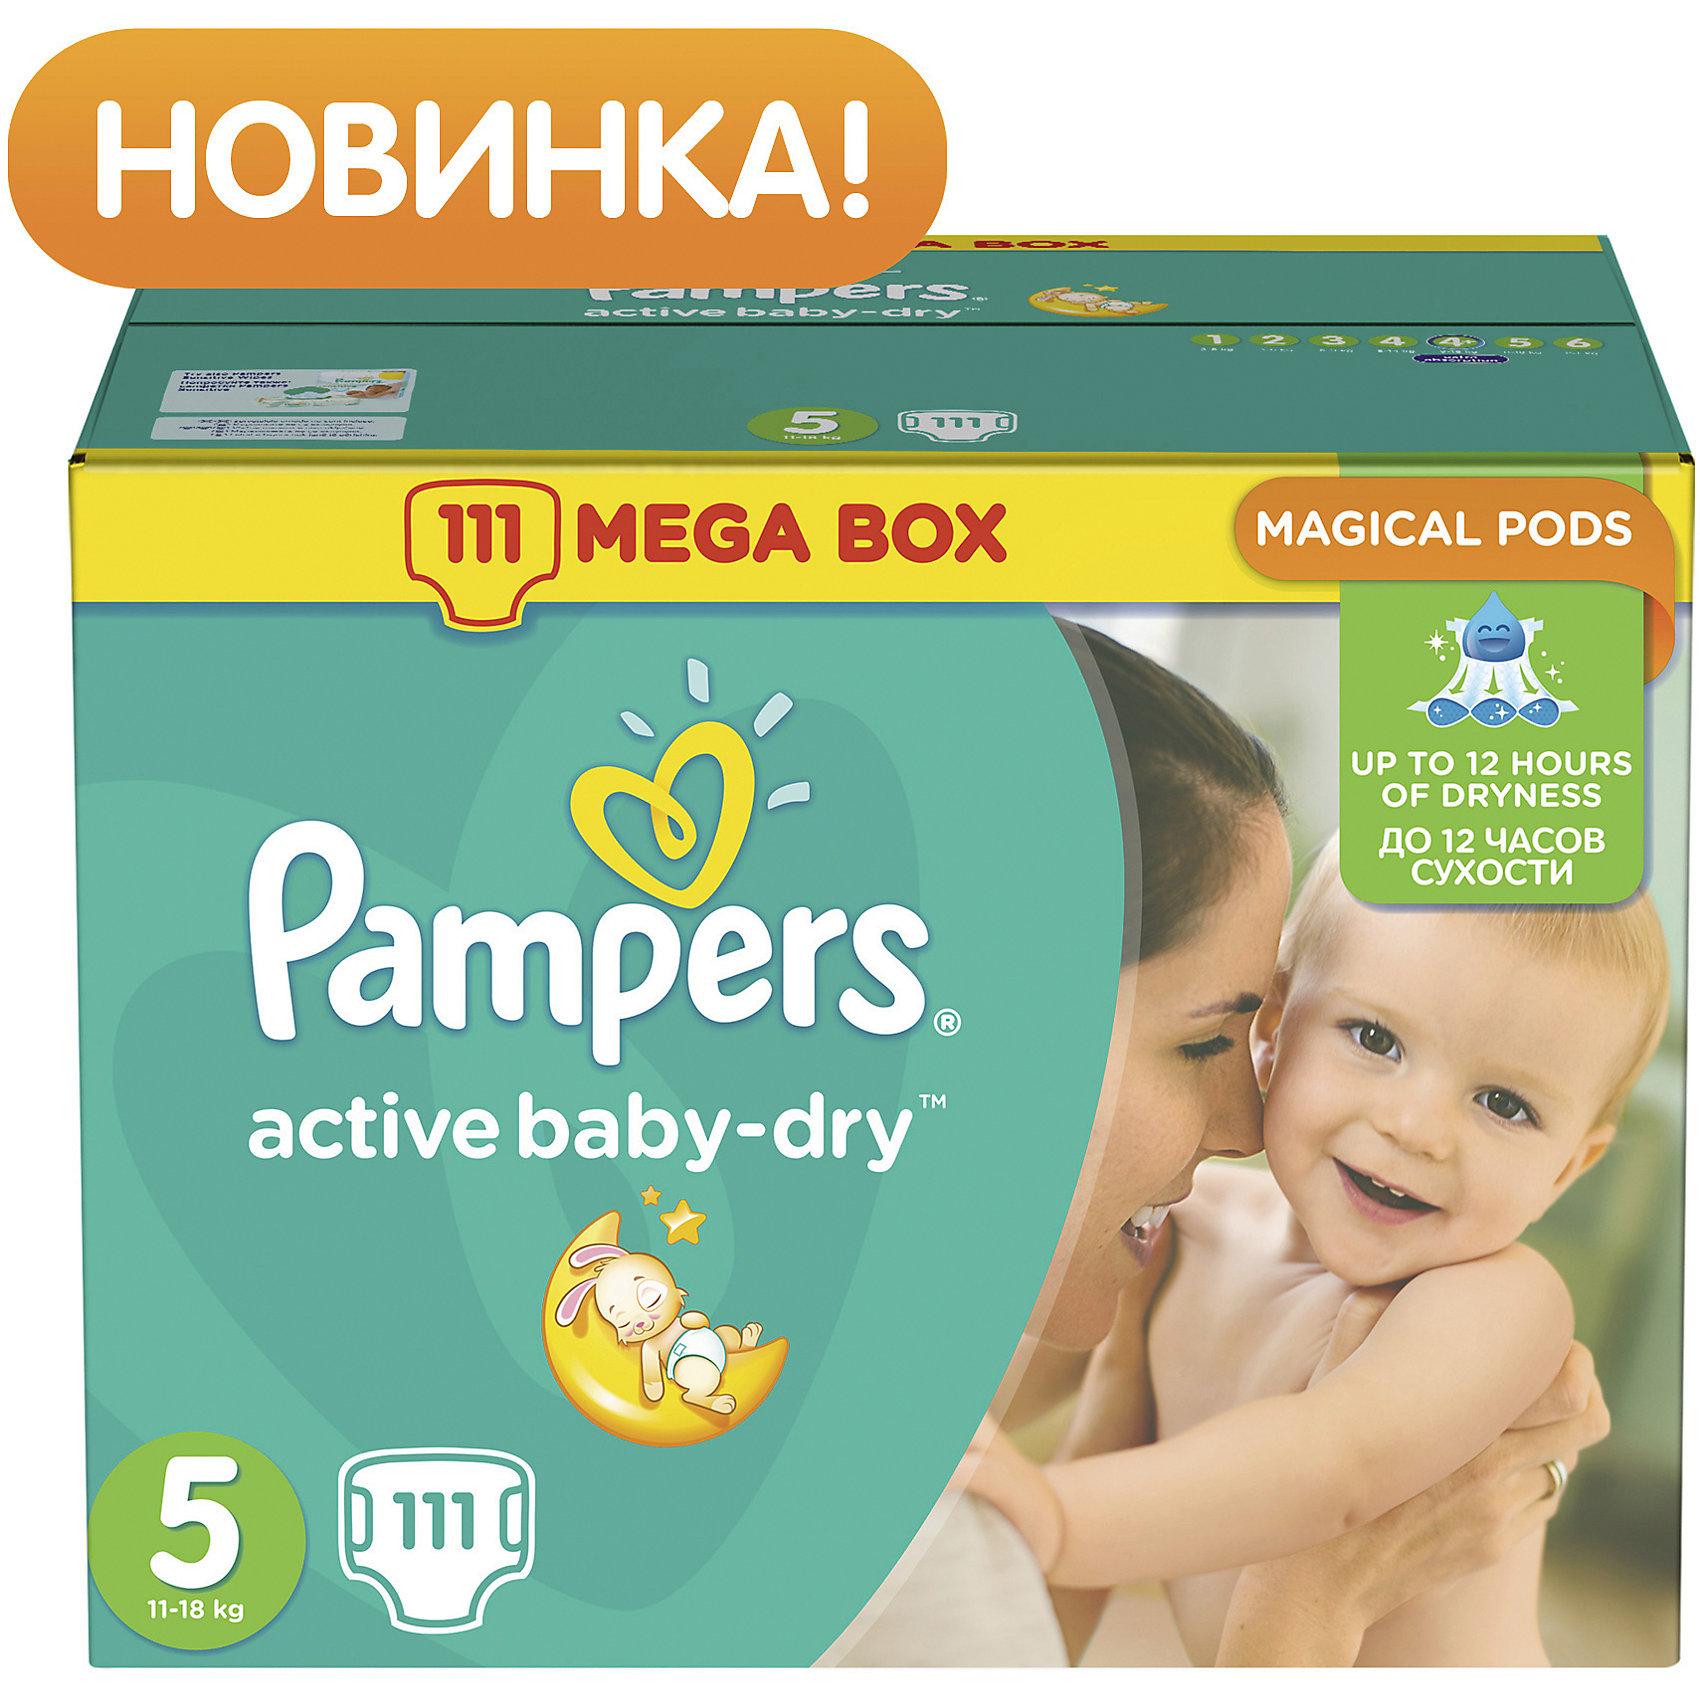 Подгузники Pampers Active Baby-Dry, 11-18 кг, 5 размер, 111 шт., PampersПодгузники классические<br>Характеристики:<br><br>• Пол: универсальный<br>• Тип подгузника: одноразовый<br>• Коллекция: Active Baby-Dry<br>• Предназначение: для использования в любое время суток <br>• Размер: 5<br>• Вес ребенка: от 11 до 18 кг<br>• Количество в упаковке: 111 шт.<br>• Упаковка: картонная коробка<br>• Размер упаковки: 33,7*24,9*38 см<br>• Вес в упаковке: 4 кг 476 г<br>• Эластичные застежки-липучки<br>• Быстро впитывающий слой<br>• Мягкий верхний слой<br>• Сохранение сухости в течение 12-ти часов<br><br>Подгузники Pampers Active Baby-Dry, 11-18 кг, 5 размер, 111 шт., Pampers – это линейка классических детских подгузников от Pampers, которая сочетает в себе качество и безопасность материалов, удобство использования и комфорт для нежной кожи малыша. Подгузники предназначены для детей весом до 18 кг. Инновационные технологии и современные материалы обеспечивают этим подгузникам Дышащие свойства, что особенно важно для кожи малыша. <br><br>Впитывающие свойства изделию обеспечивает уникальный слой, состоящий из жемчужных микрогранул. У подгузников предусмотрена эластичная мягкая резиночка на спинке. Широкие липучки с двух сторон обеспечивают надежную фиксацию. Подгузник имеет мягкий верхний слой, который обеспечивает не только комфорт, но и защищает кожу ребенка от раздражений. Подгузник подходит как для мальчиков, так и для девочек. <br><br>Подгузники Pampers Active Baby-Dry, 11-18 кг, 5 размер, 111 шт., Pampers можно купить в нашем интернет-магазине.<br><br>Ширина мм: 337<br>Глубина мм: 249<br>Высота мм: 380<br>Вес г: 4476<br>Возраст от месяцев: 12<br>Возраст до месяцев: 36<br>Пол: Унисекс<br>Возраст: Детский<br>SKU: 5419090